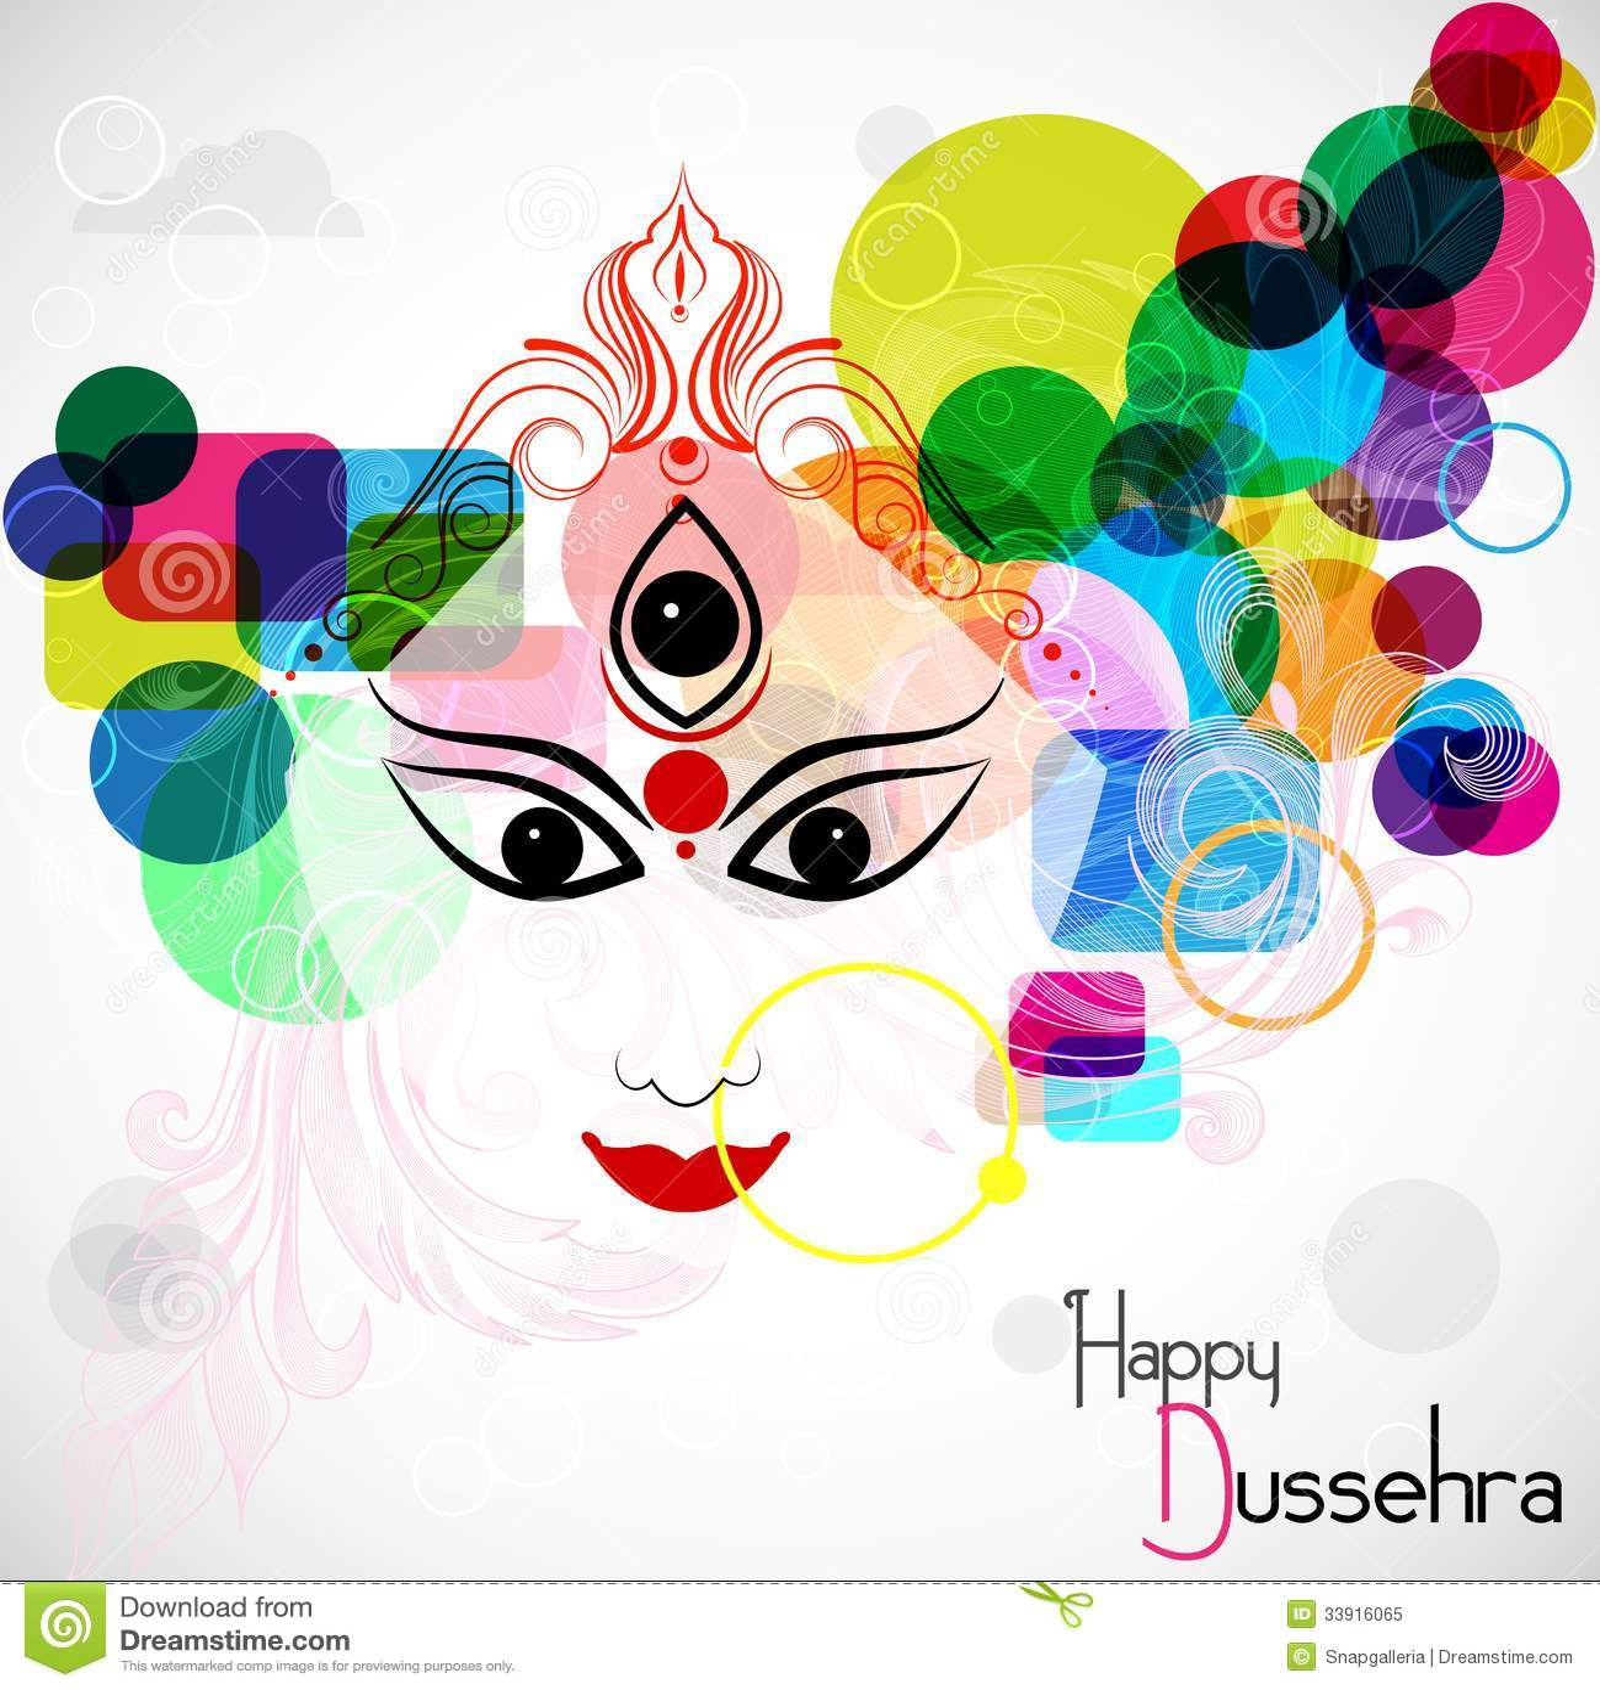 Happy Dussehra Cartoon Vector  CartoonDealer.com 33916065